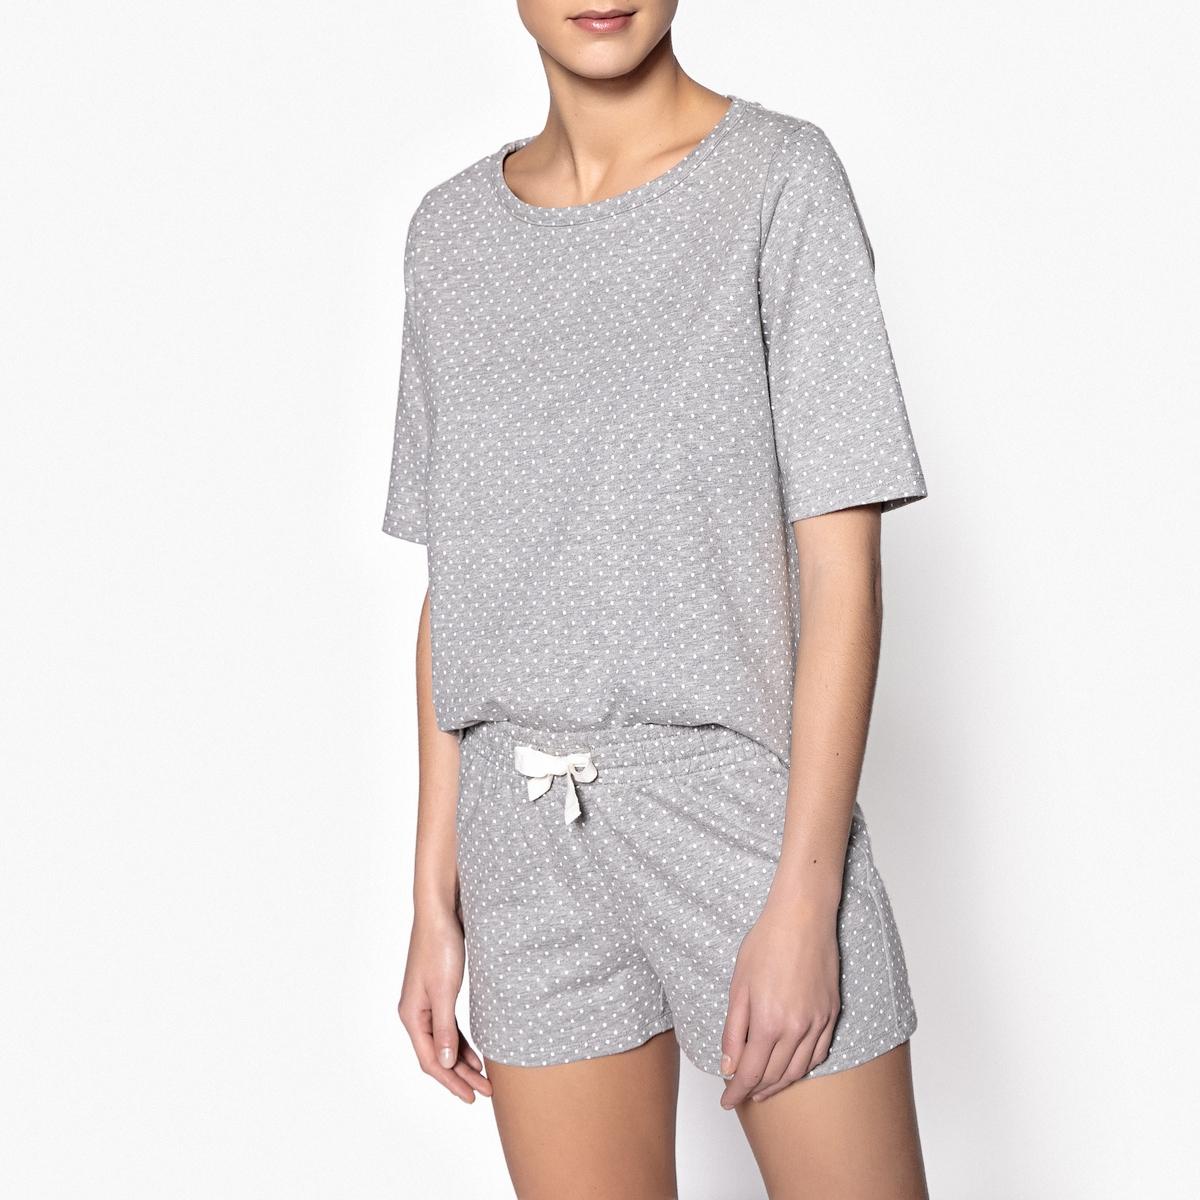 Пижама с шортами в горошек пижама с шортами с рисунком